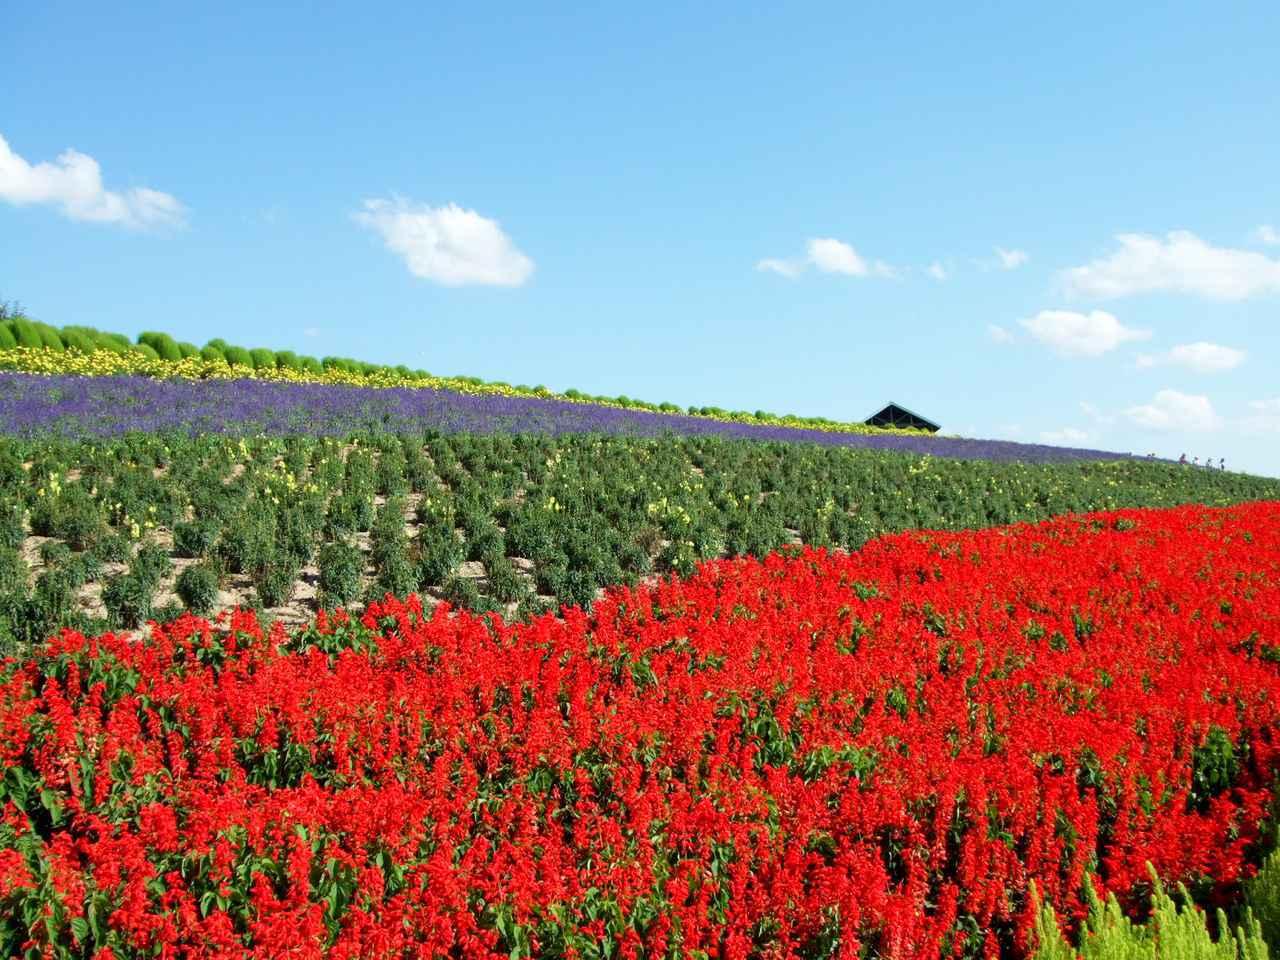 画像1: ① 北海道「美瑛の丘風景」